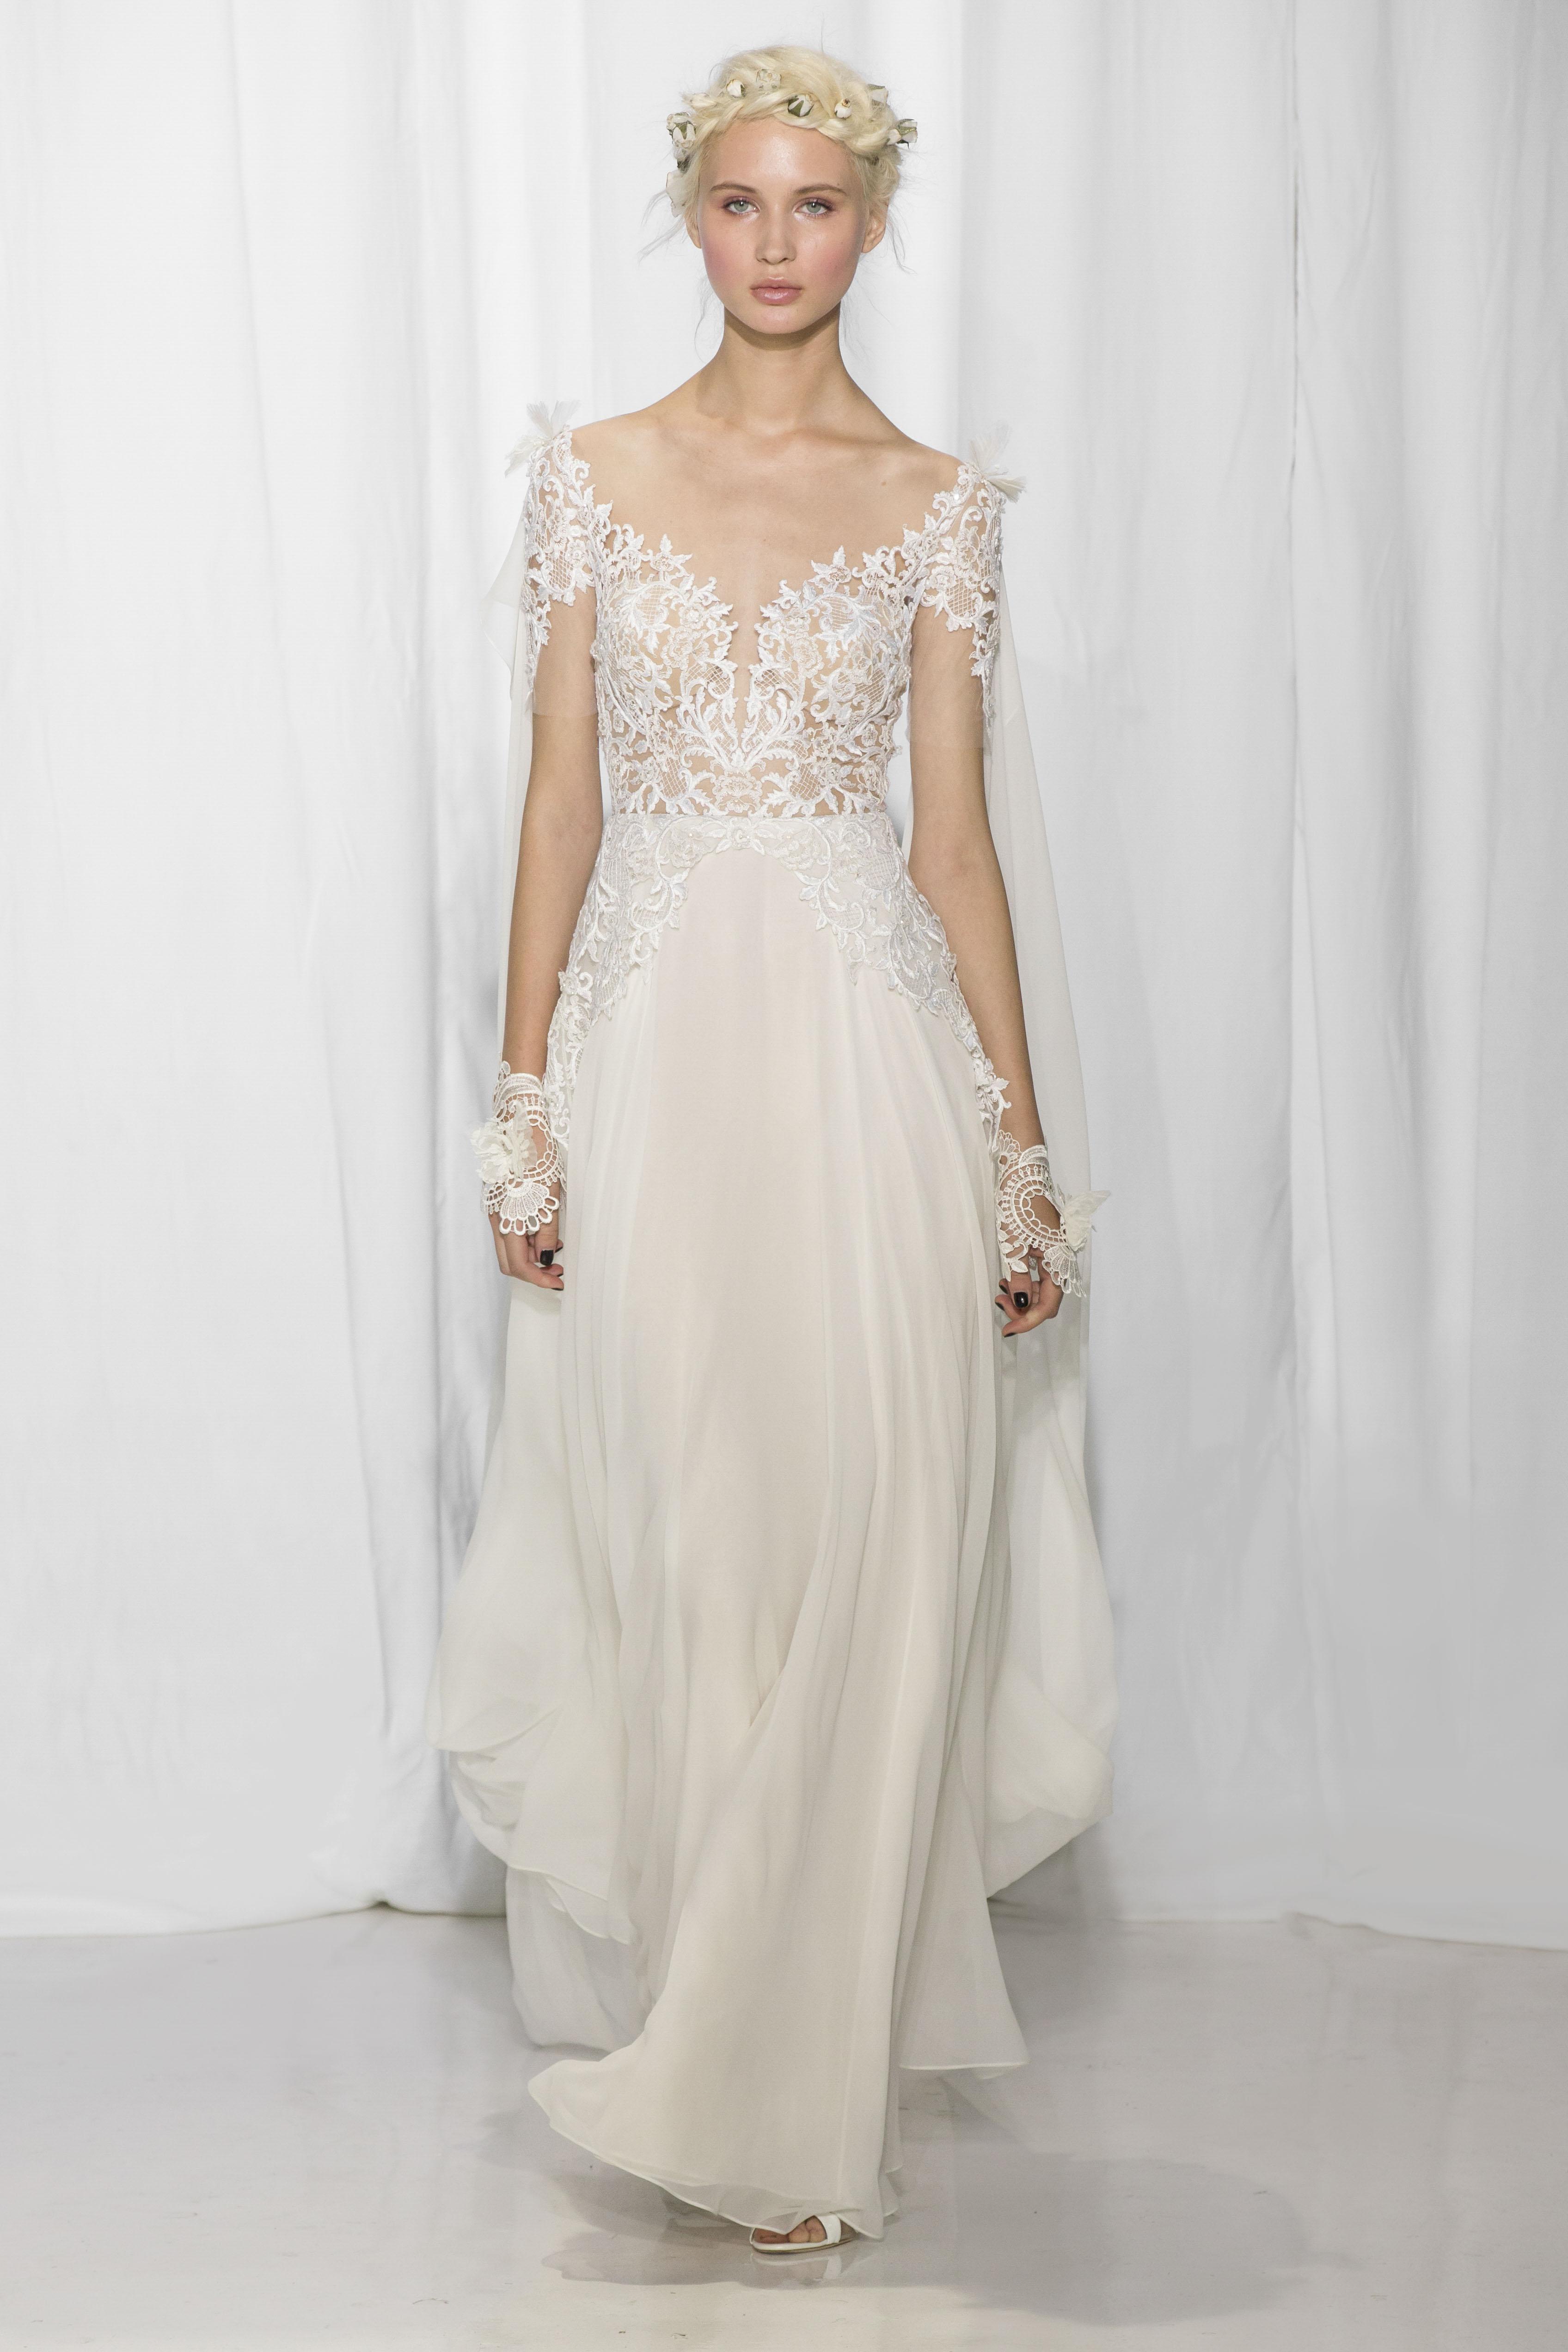 reem acra wedding dresses photo - 1